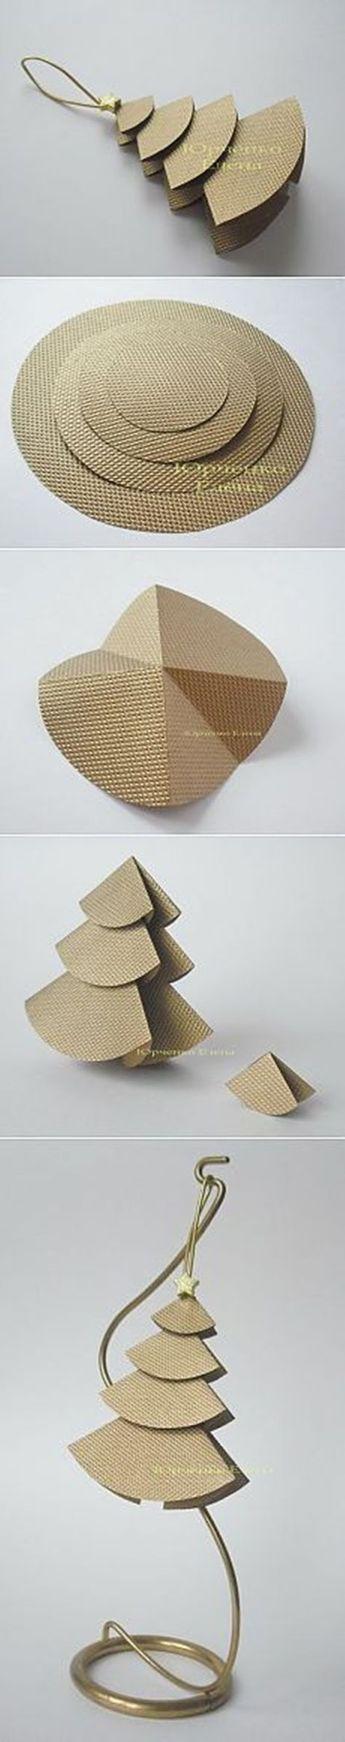 31 einfache handgemachte DIY Papier Weihnachtsschmuck